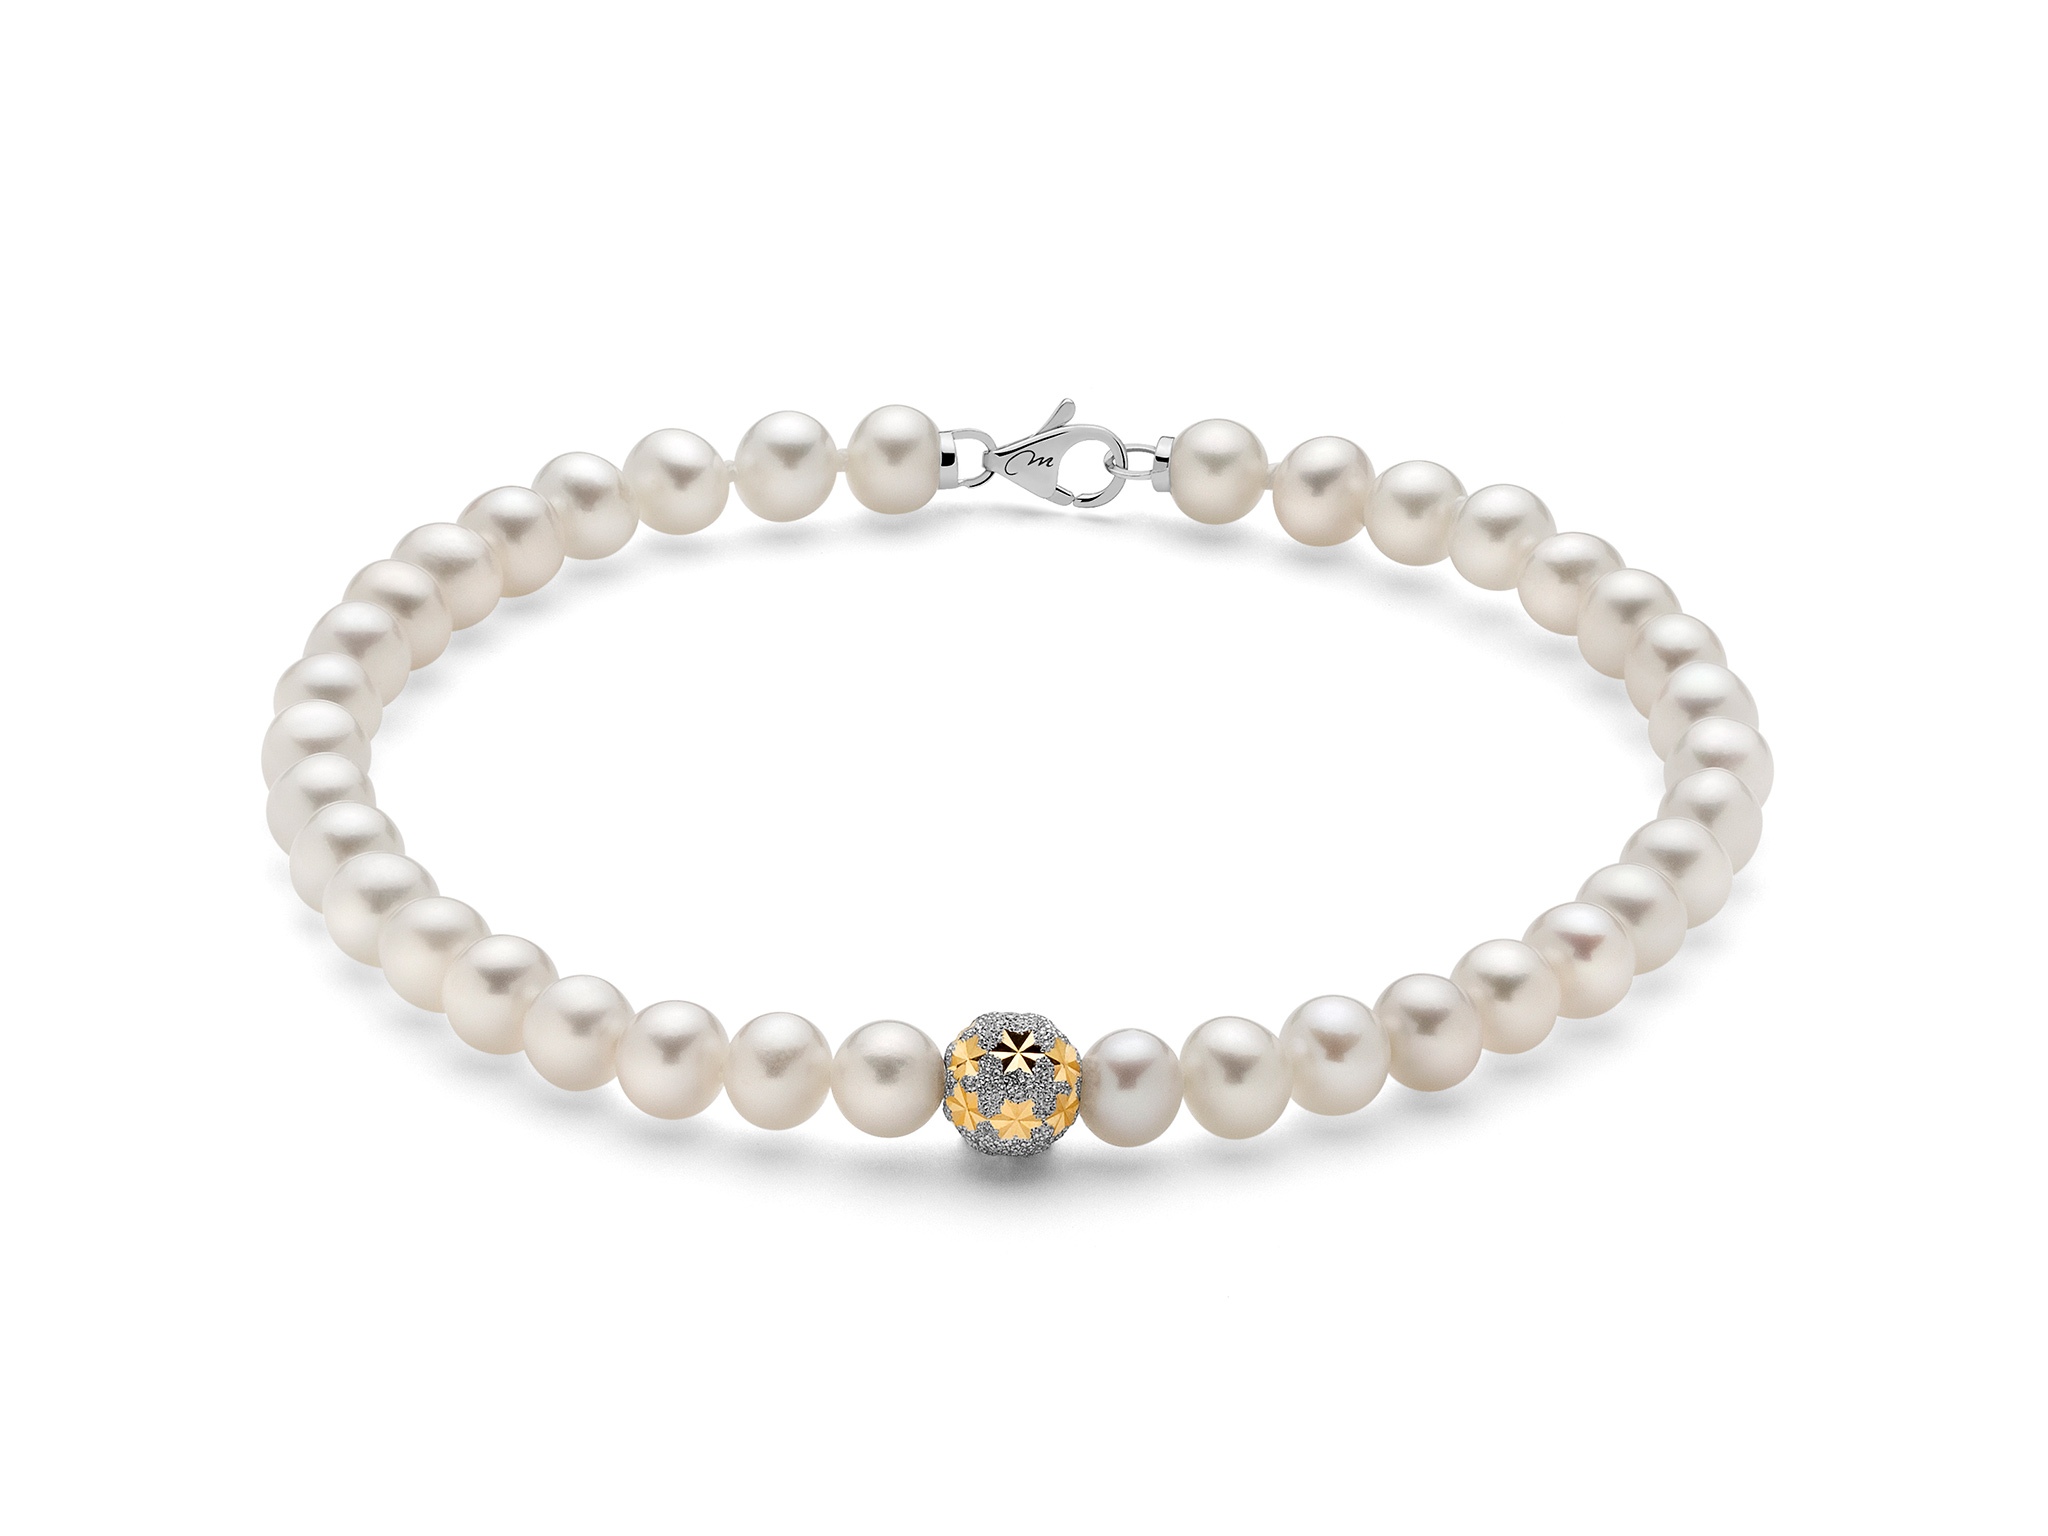 Bracciale di perle con boule stellata in oro - PBR3058V